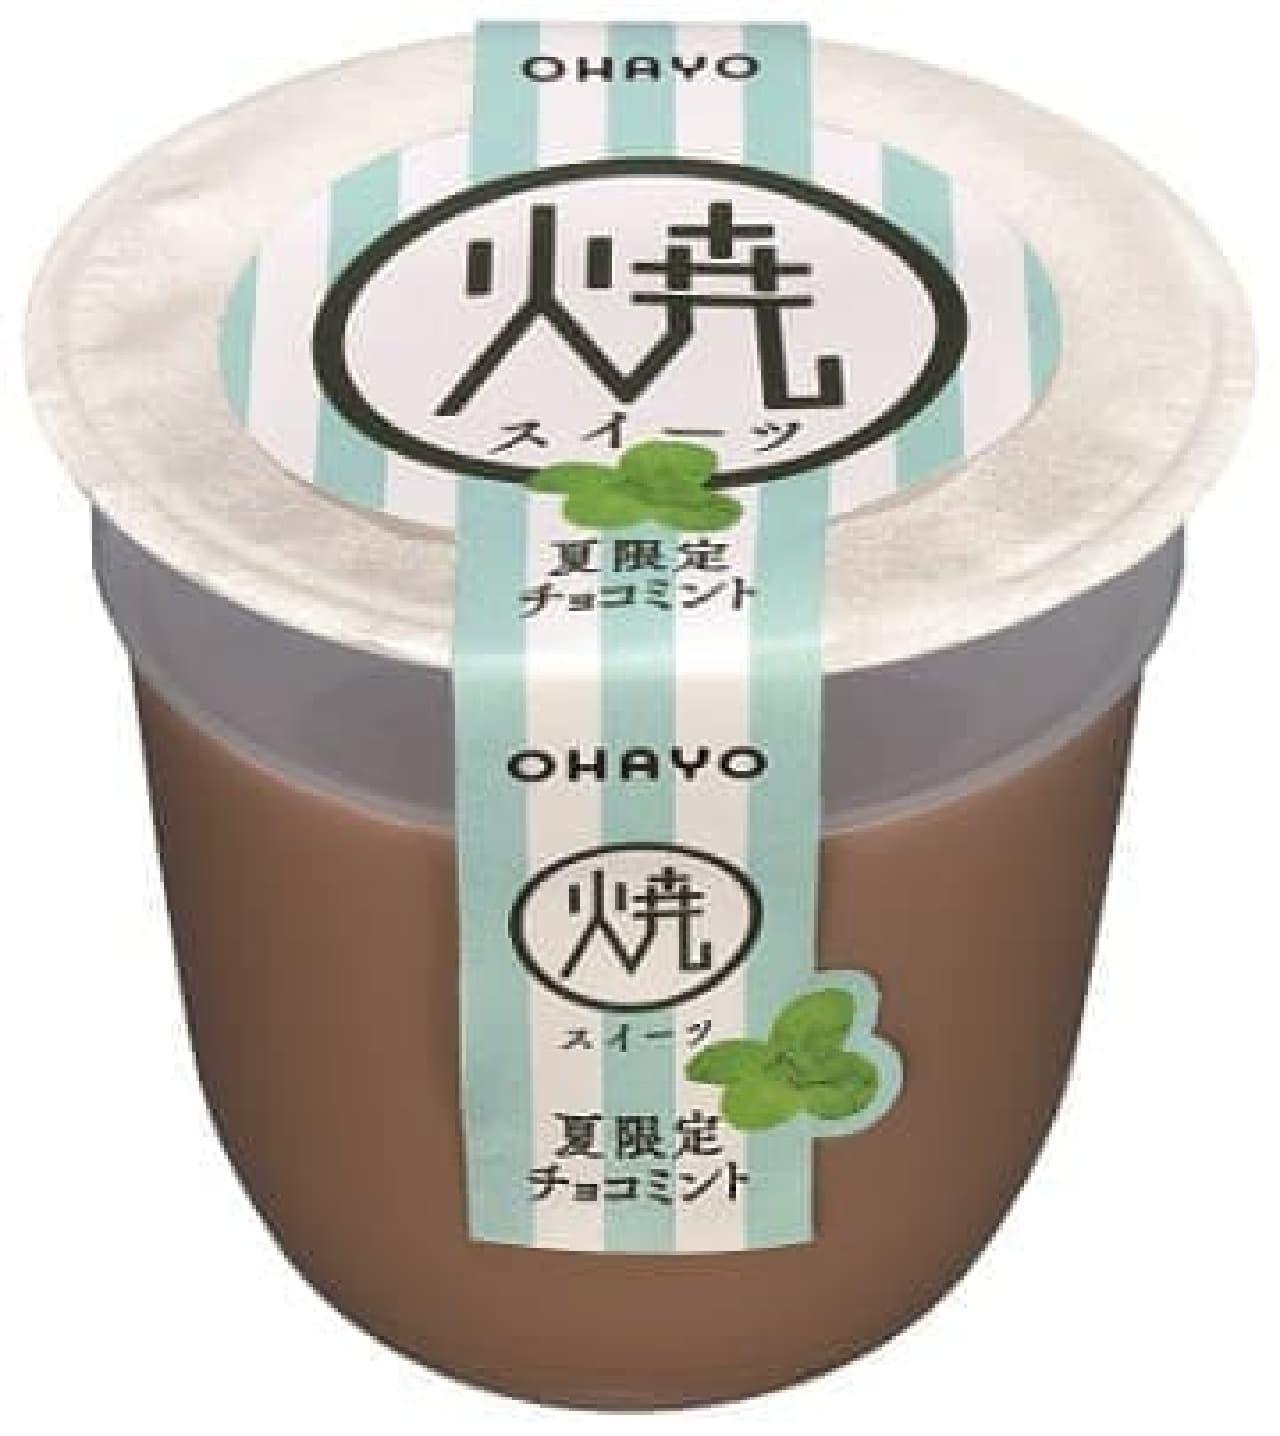 オハヨー乳業「焼スイーツ 夏限定チョコミント」